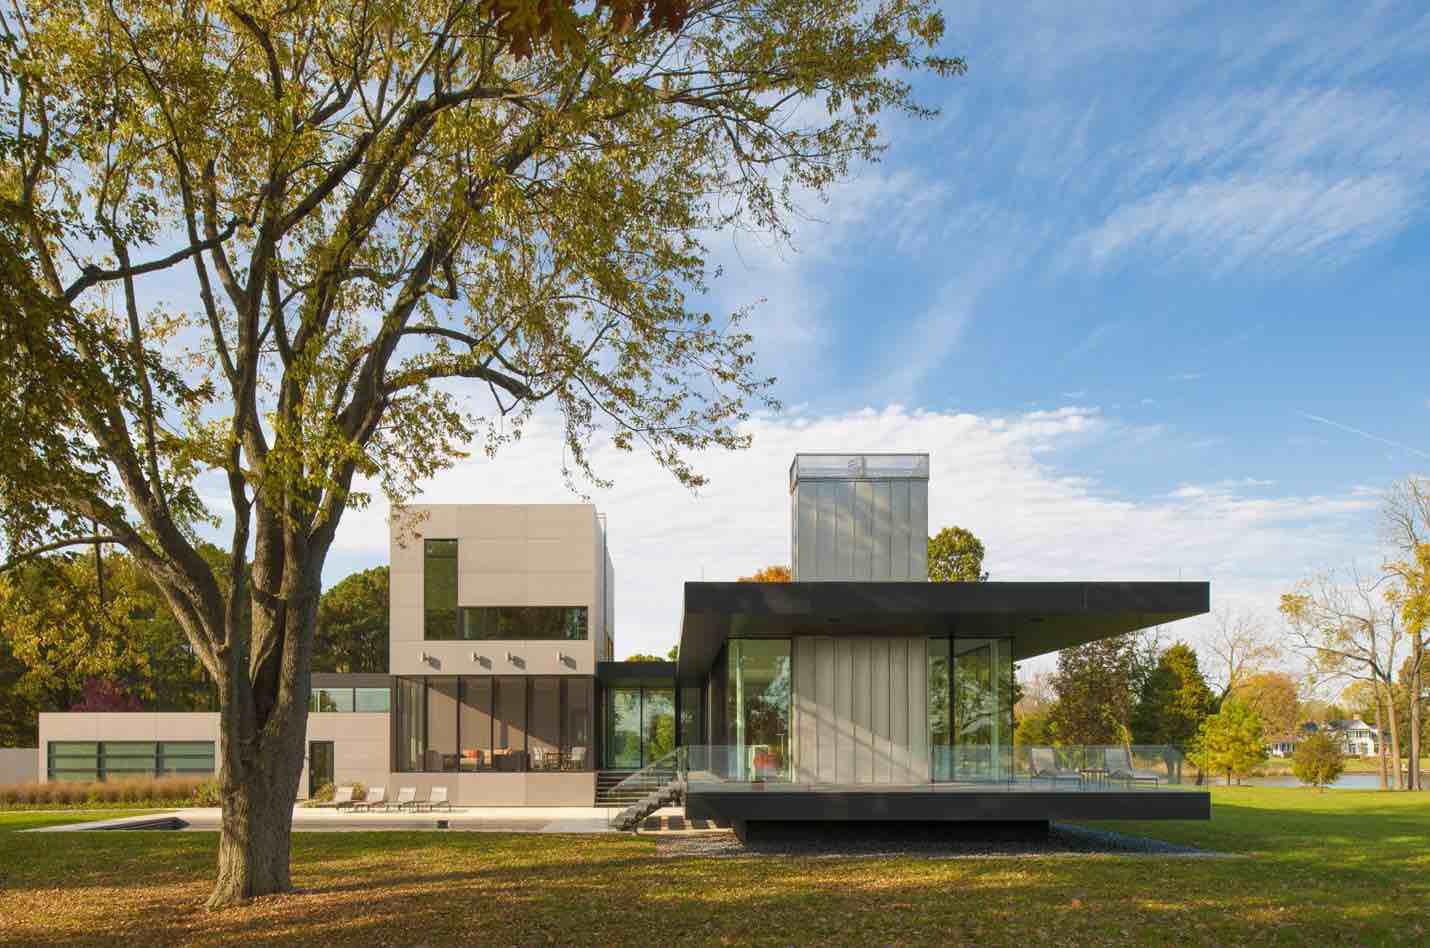 tred-avon-river-house-robert-m-gurney-architect_mackenzie-gurney-guttmanresidence-12